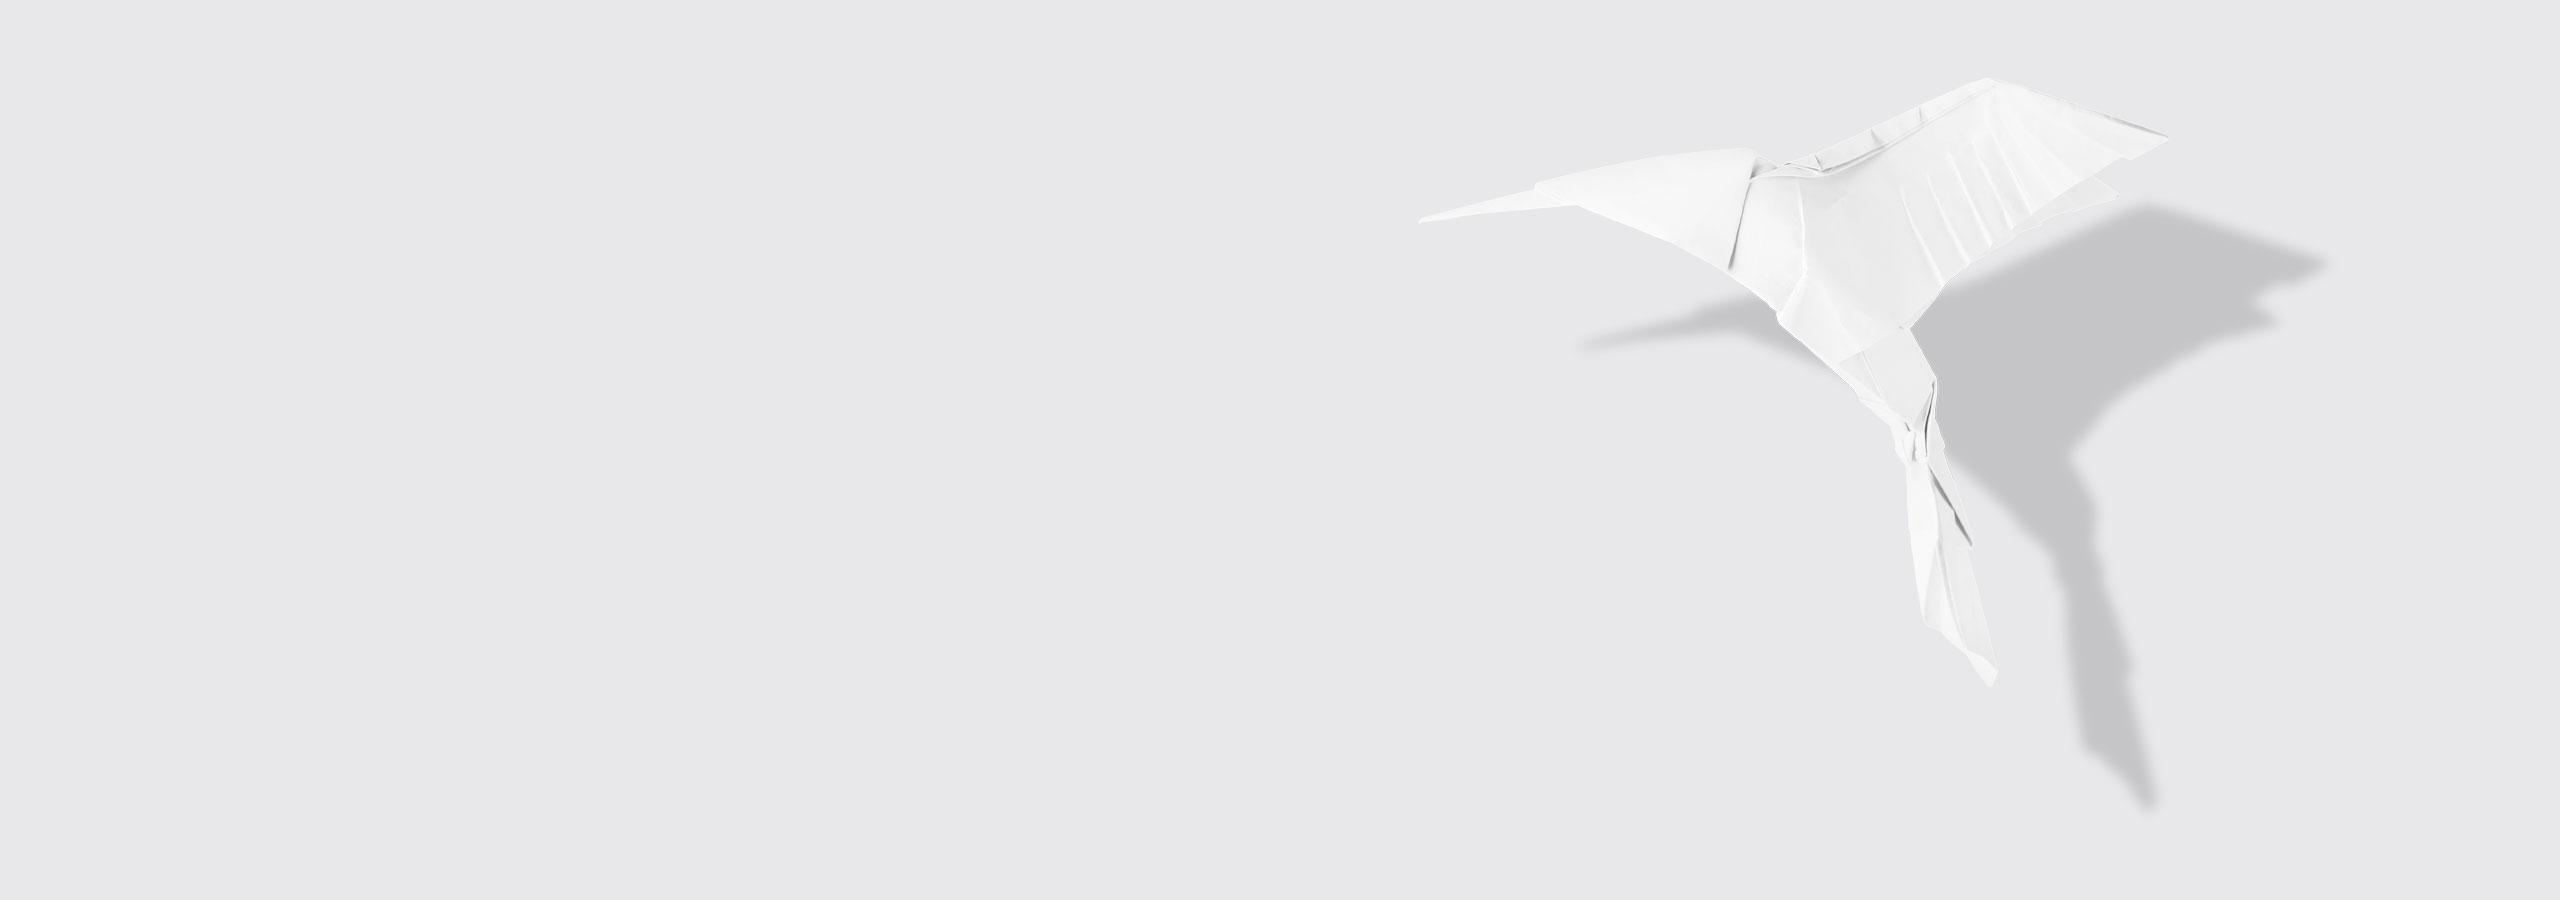 Origami-Kolibri | Praxis für Gastroenterologie und Kardiologie Dr. Rösler und Dr. Lachmann in Bayreuth